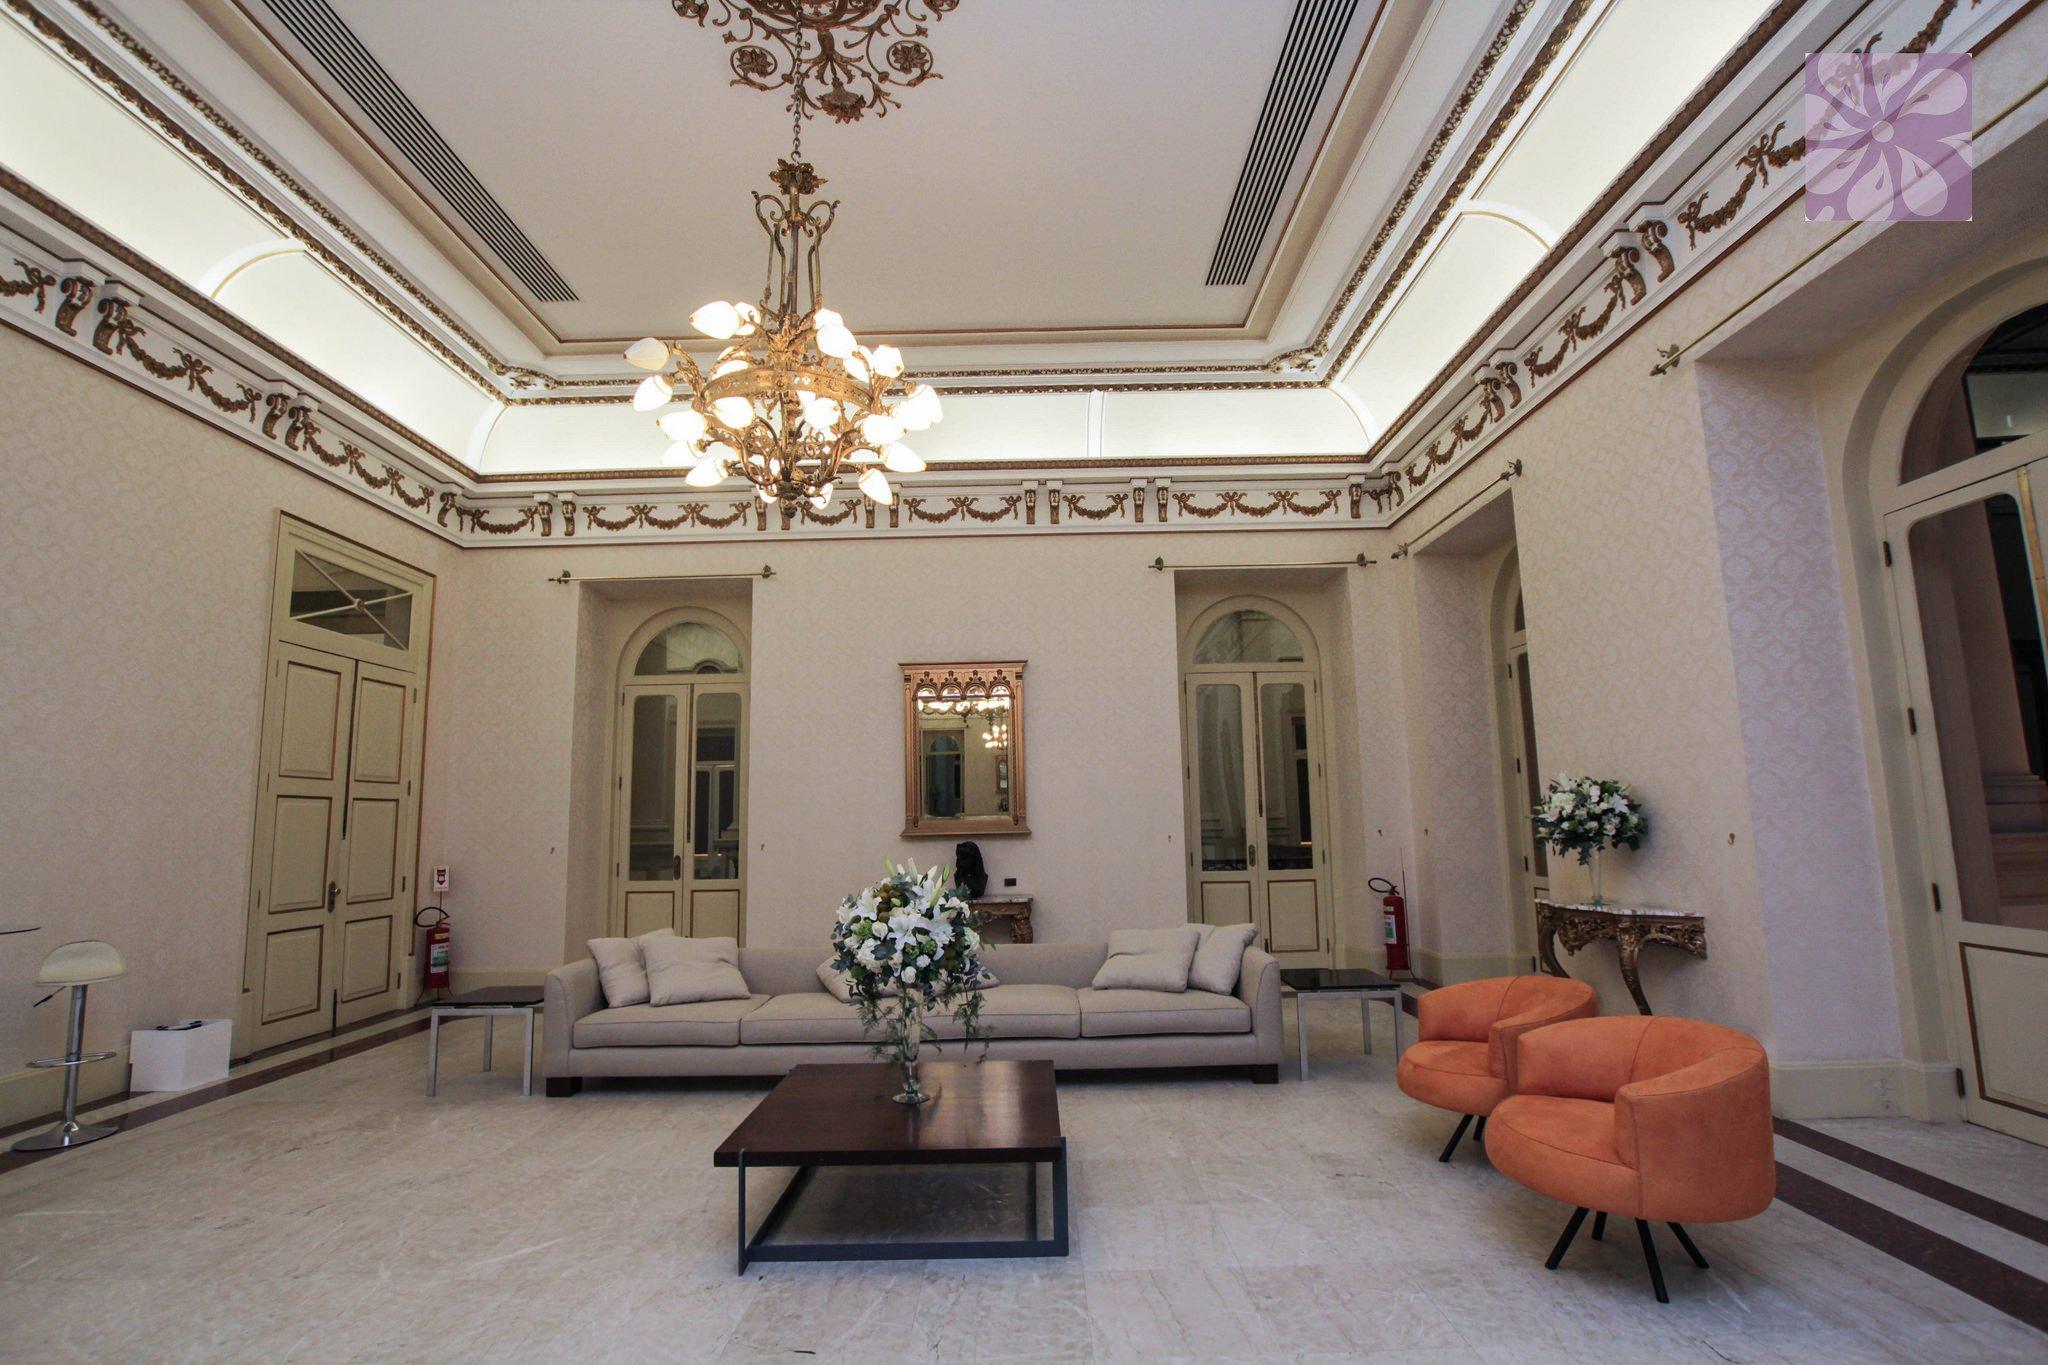 Palácio Guanabara pertence à União, decide STJ em ação que durou 123 anos